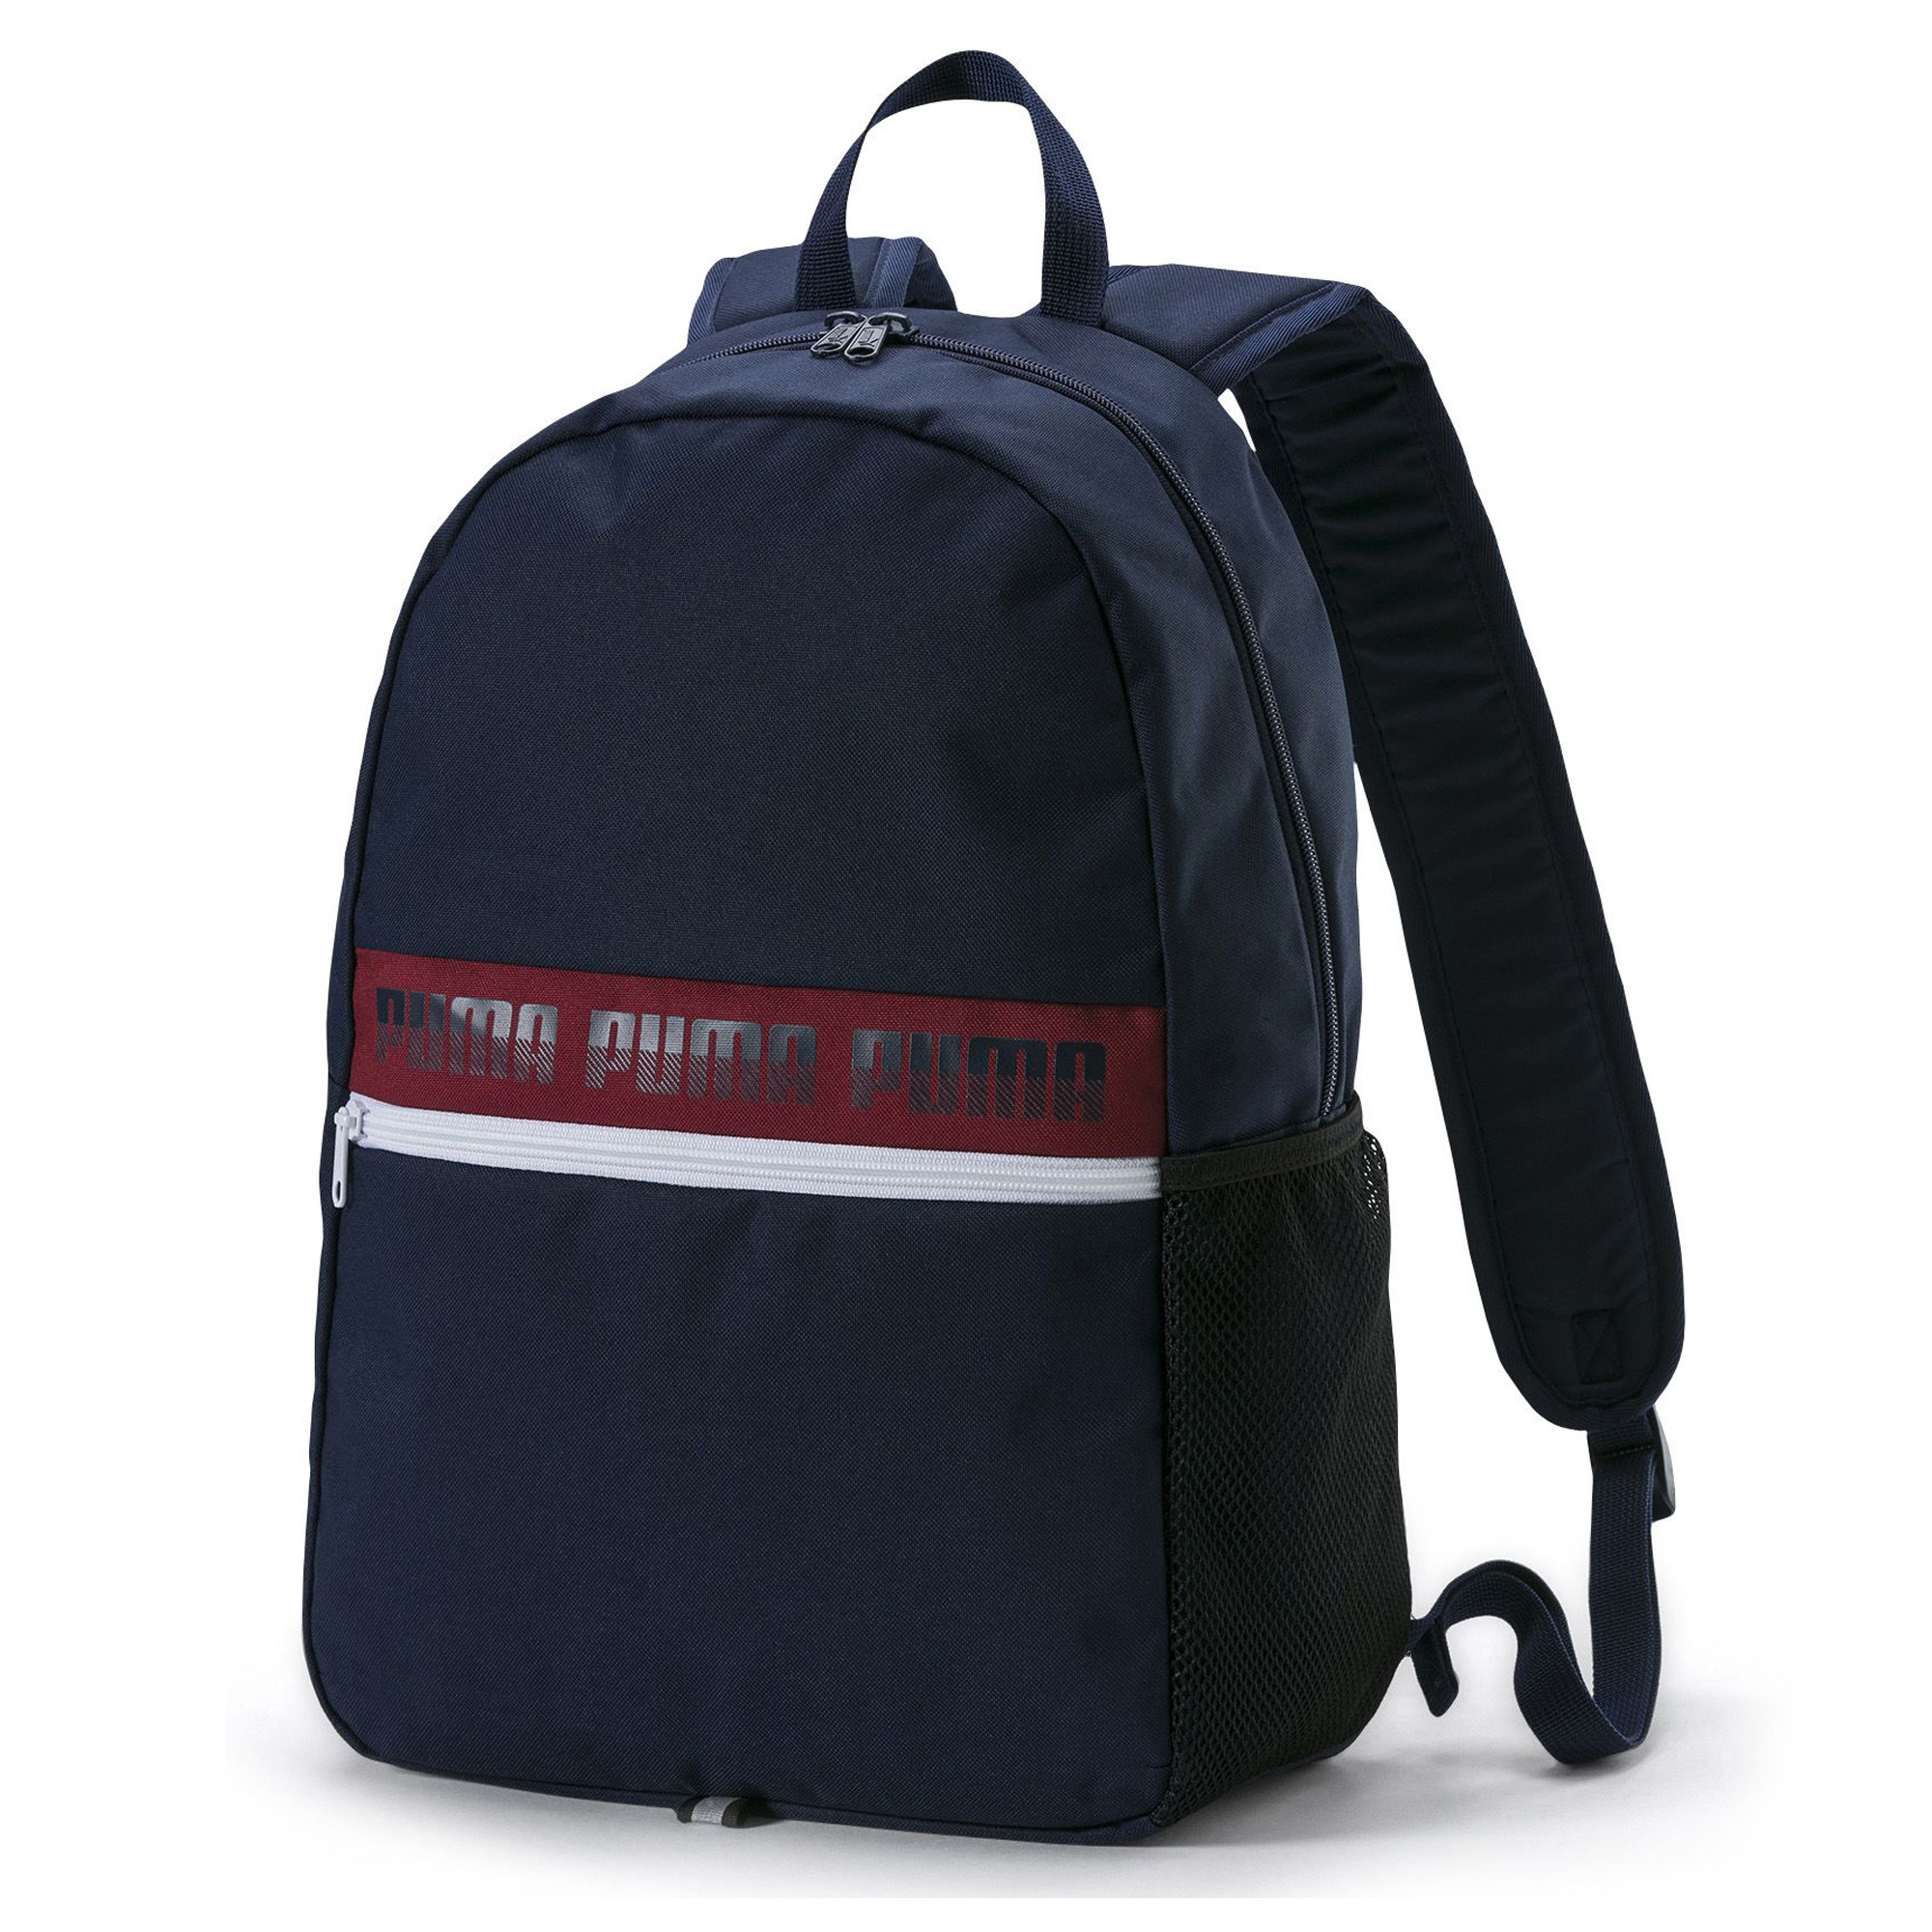 Balo Puma Phase Backpack II 75592 Mẫu 2018 2